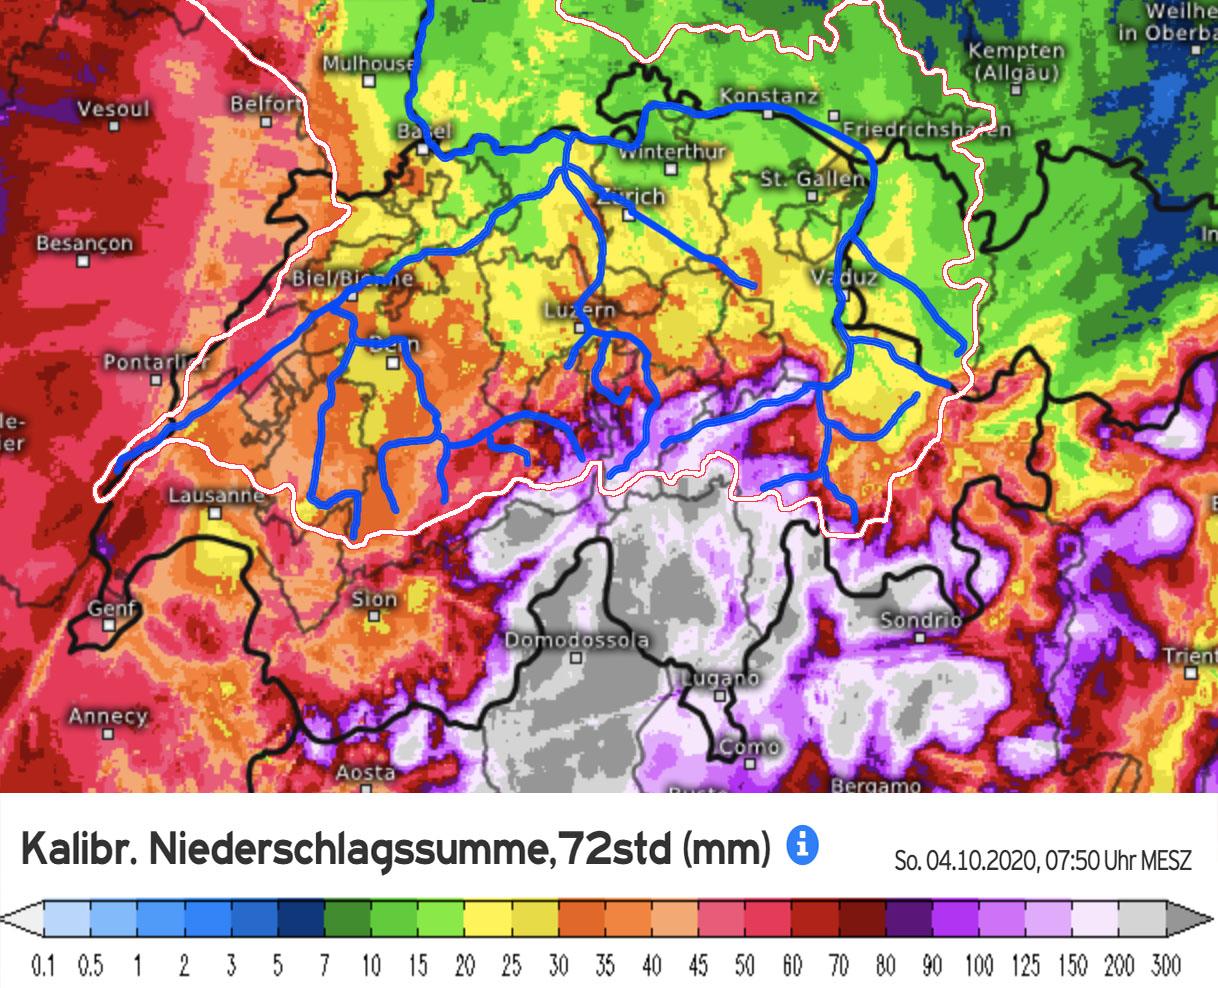 Neerslagkaart Zwitserland waarin de extreme regenval aan de zuidkant van de Alpen goed zichtbaar is. De regen bereikte echter ook de noordkant van de Alpen en dit water is nu onderweg in de Rijn (bron: Kachelmannwetter.com).